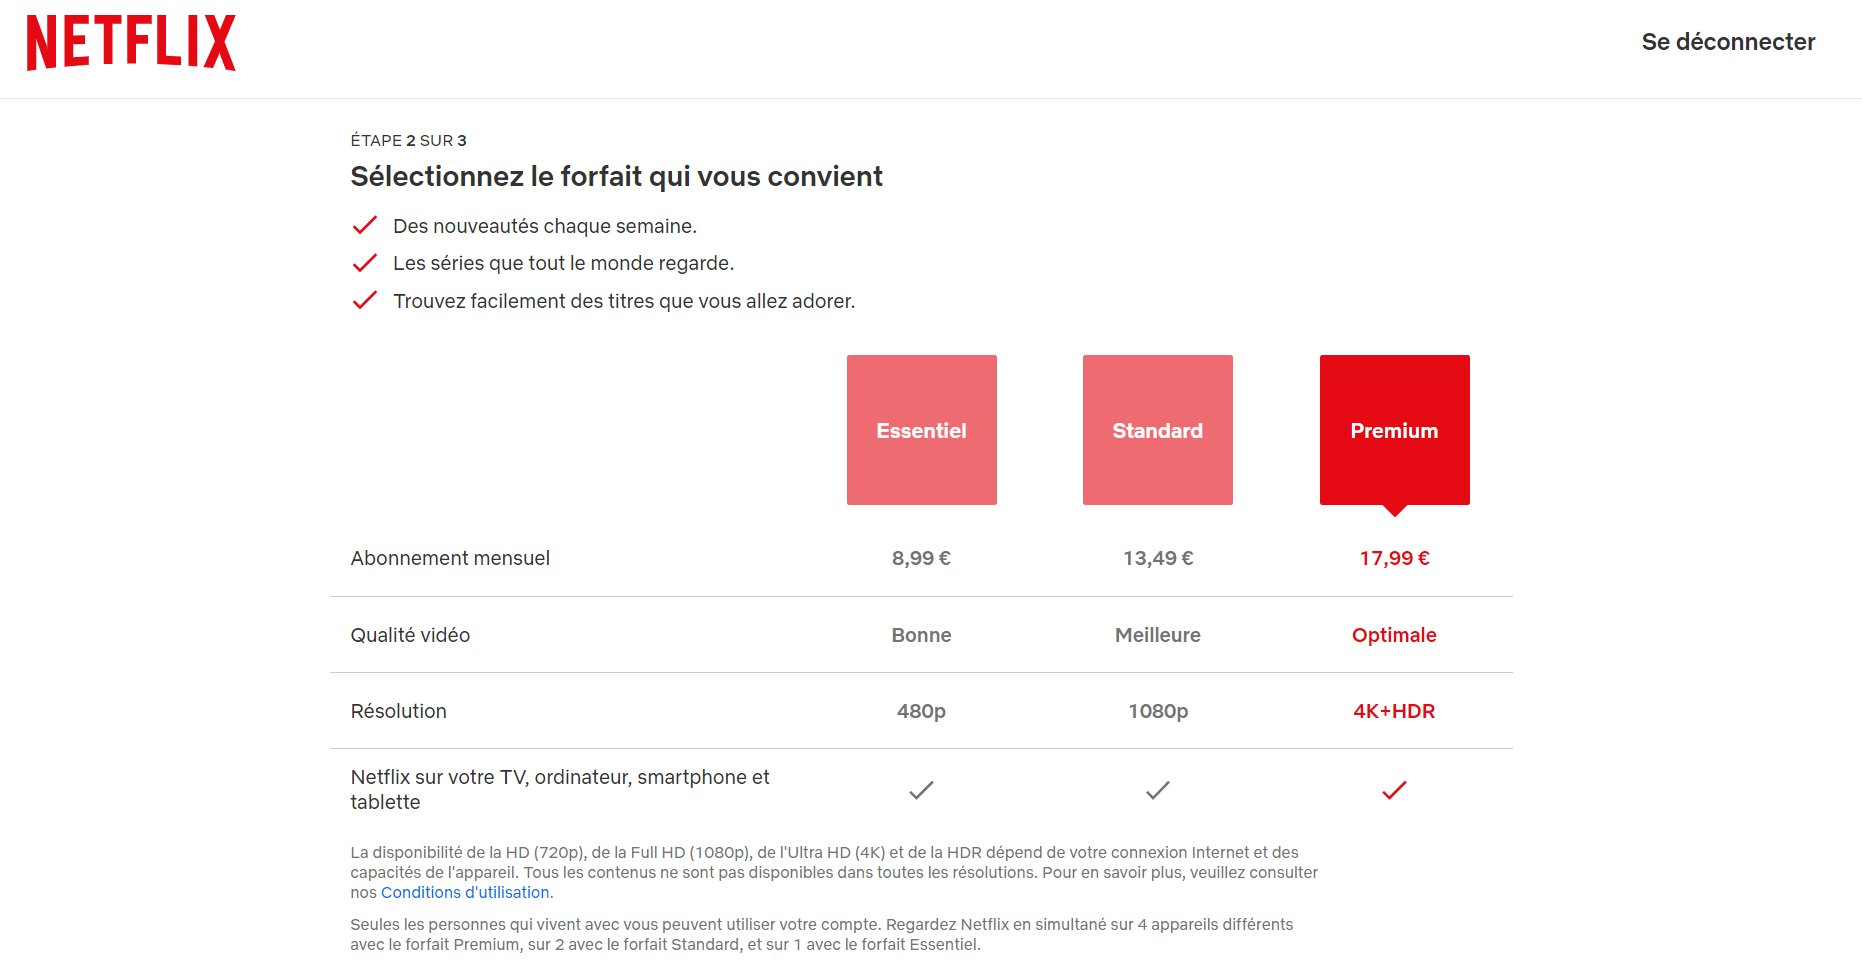 Netflix augmente ses tarifs